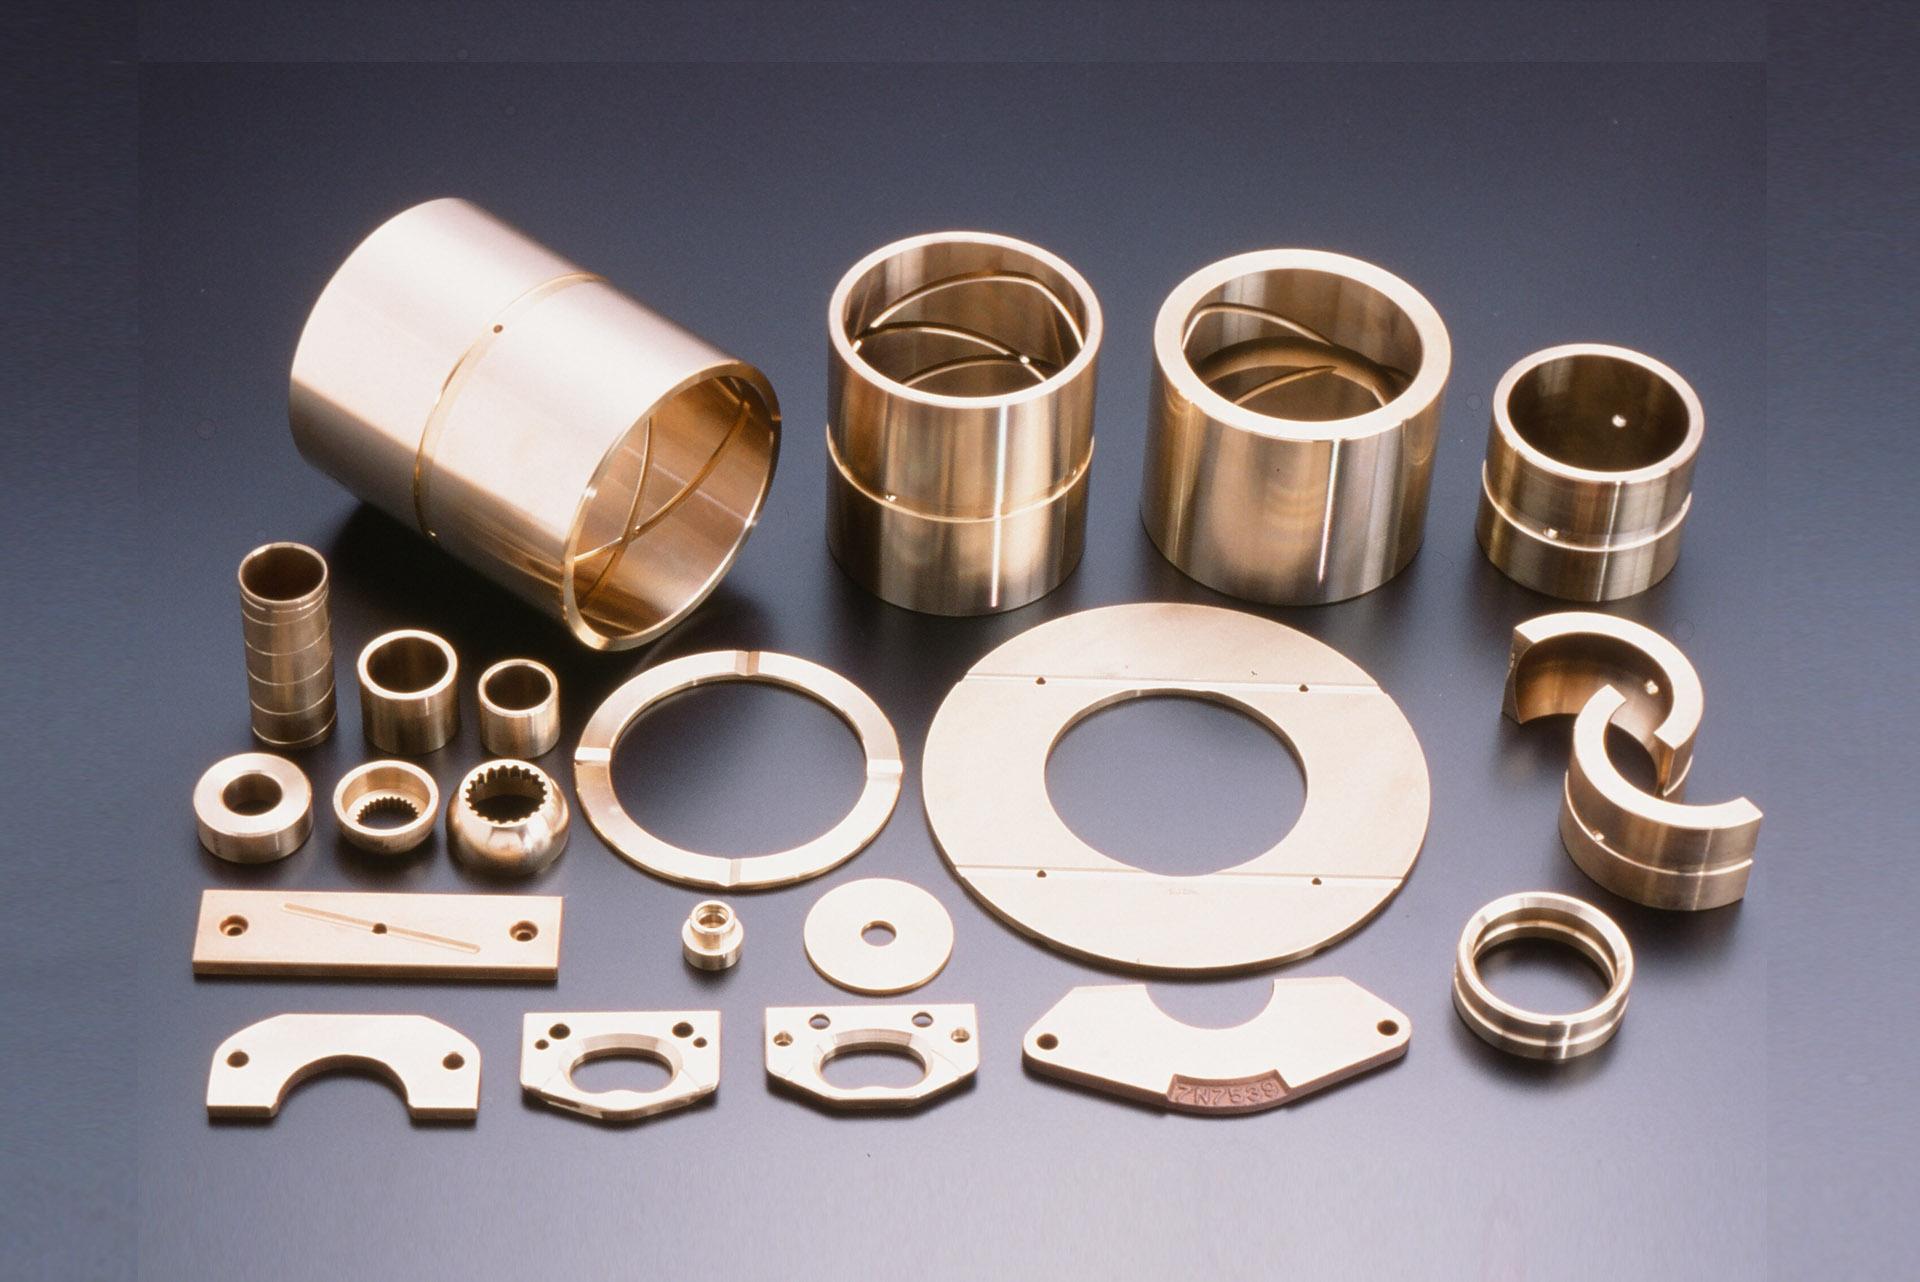 合金 鋳 工 中越 銑鉄鋳造組合員